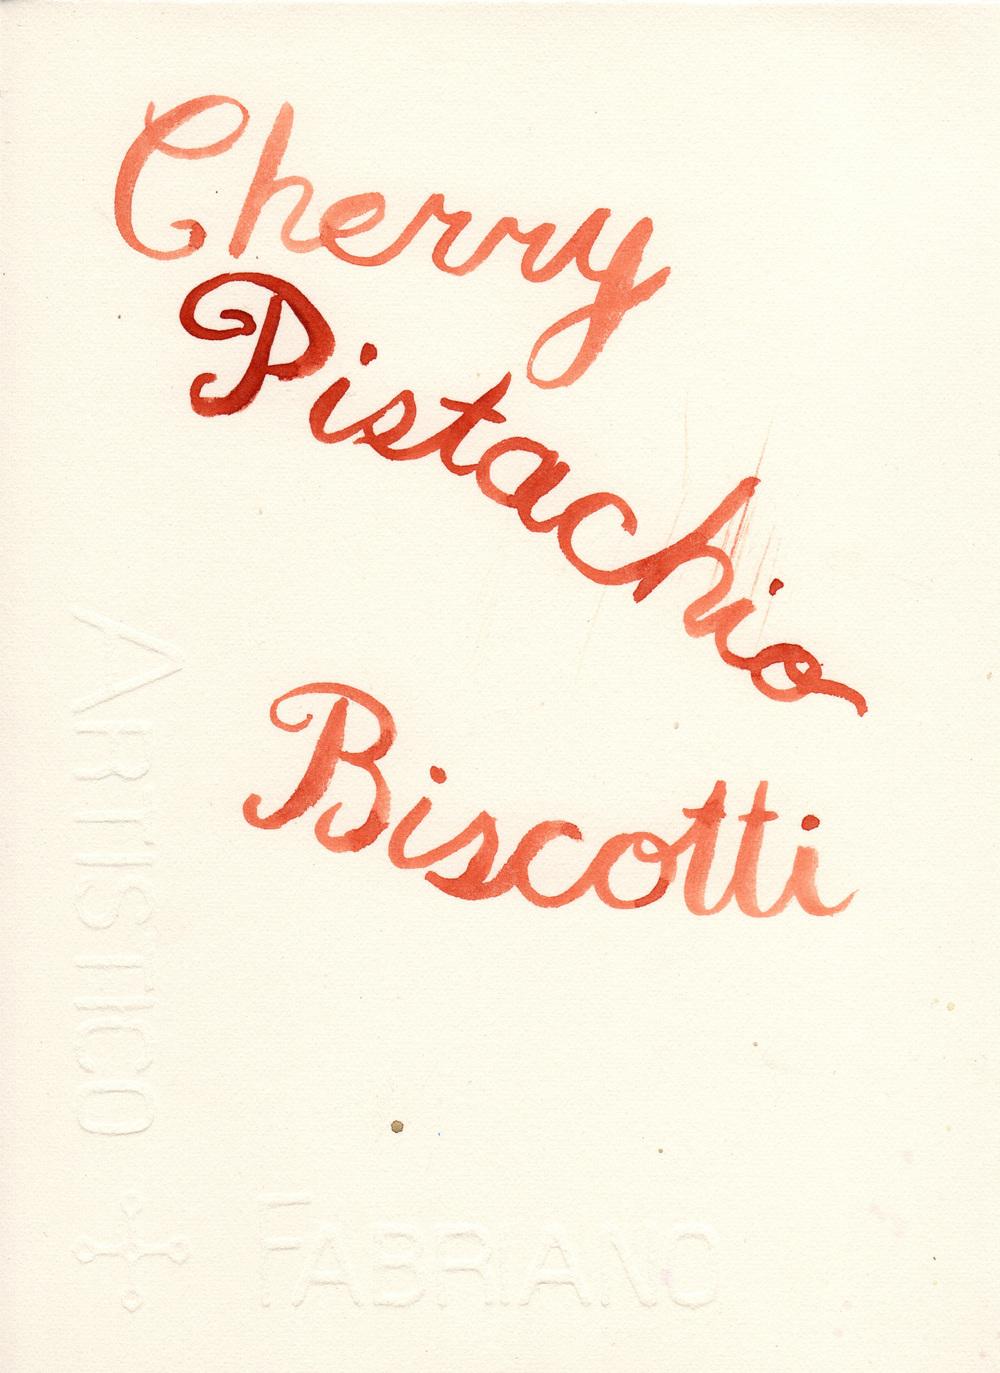 cherry pistachio lettering.jpeg